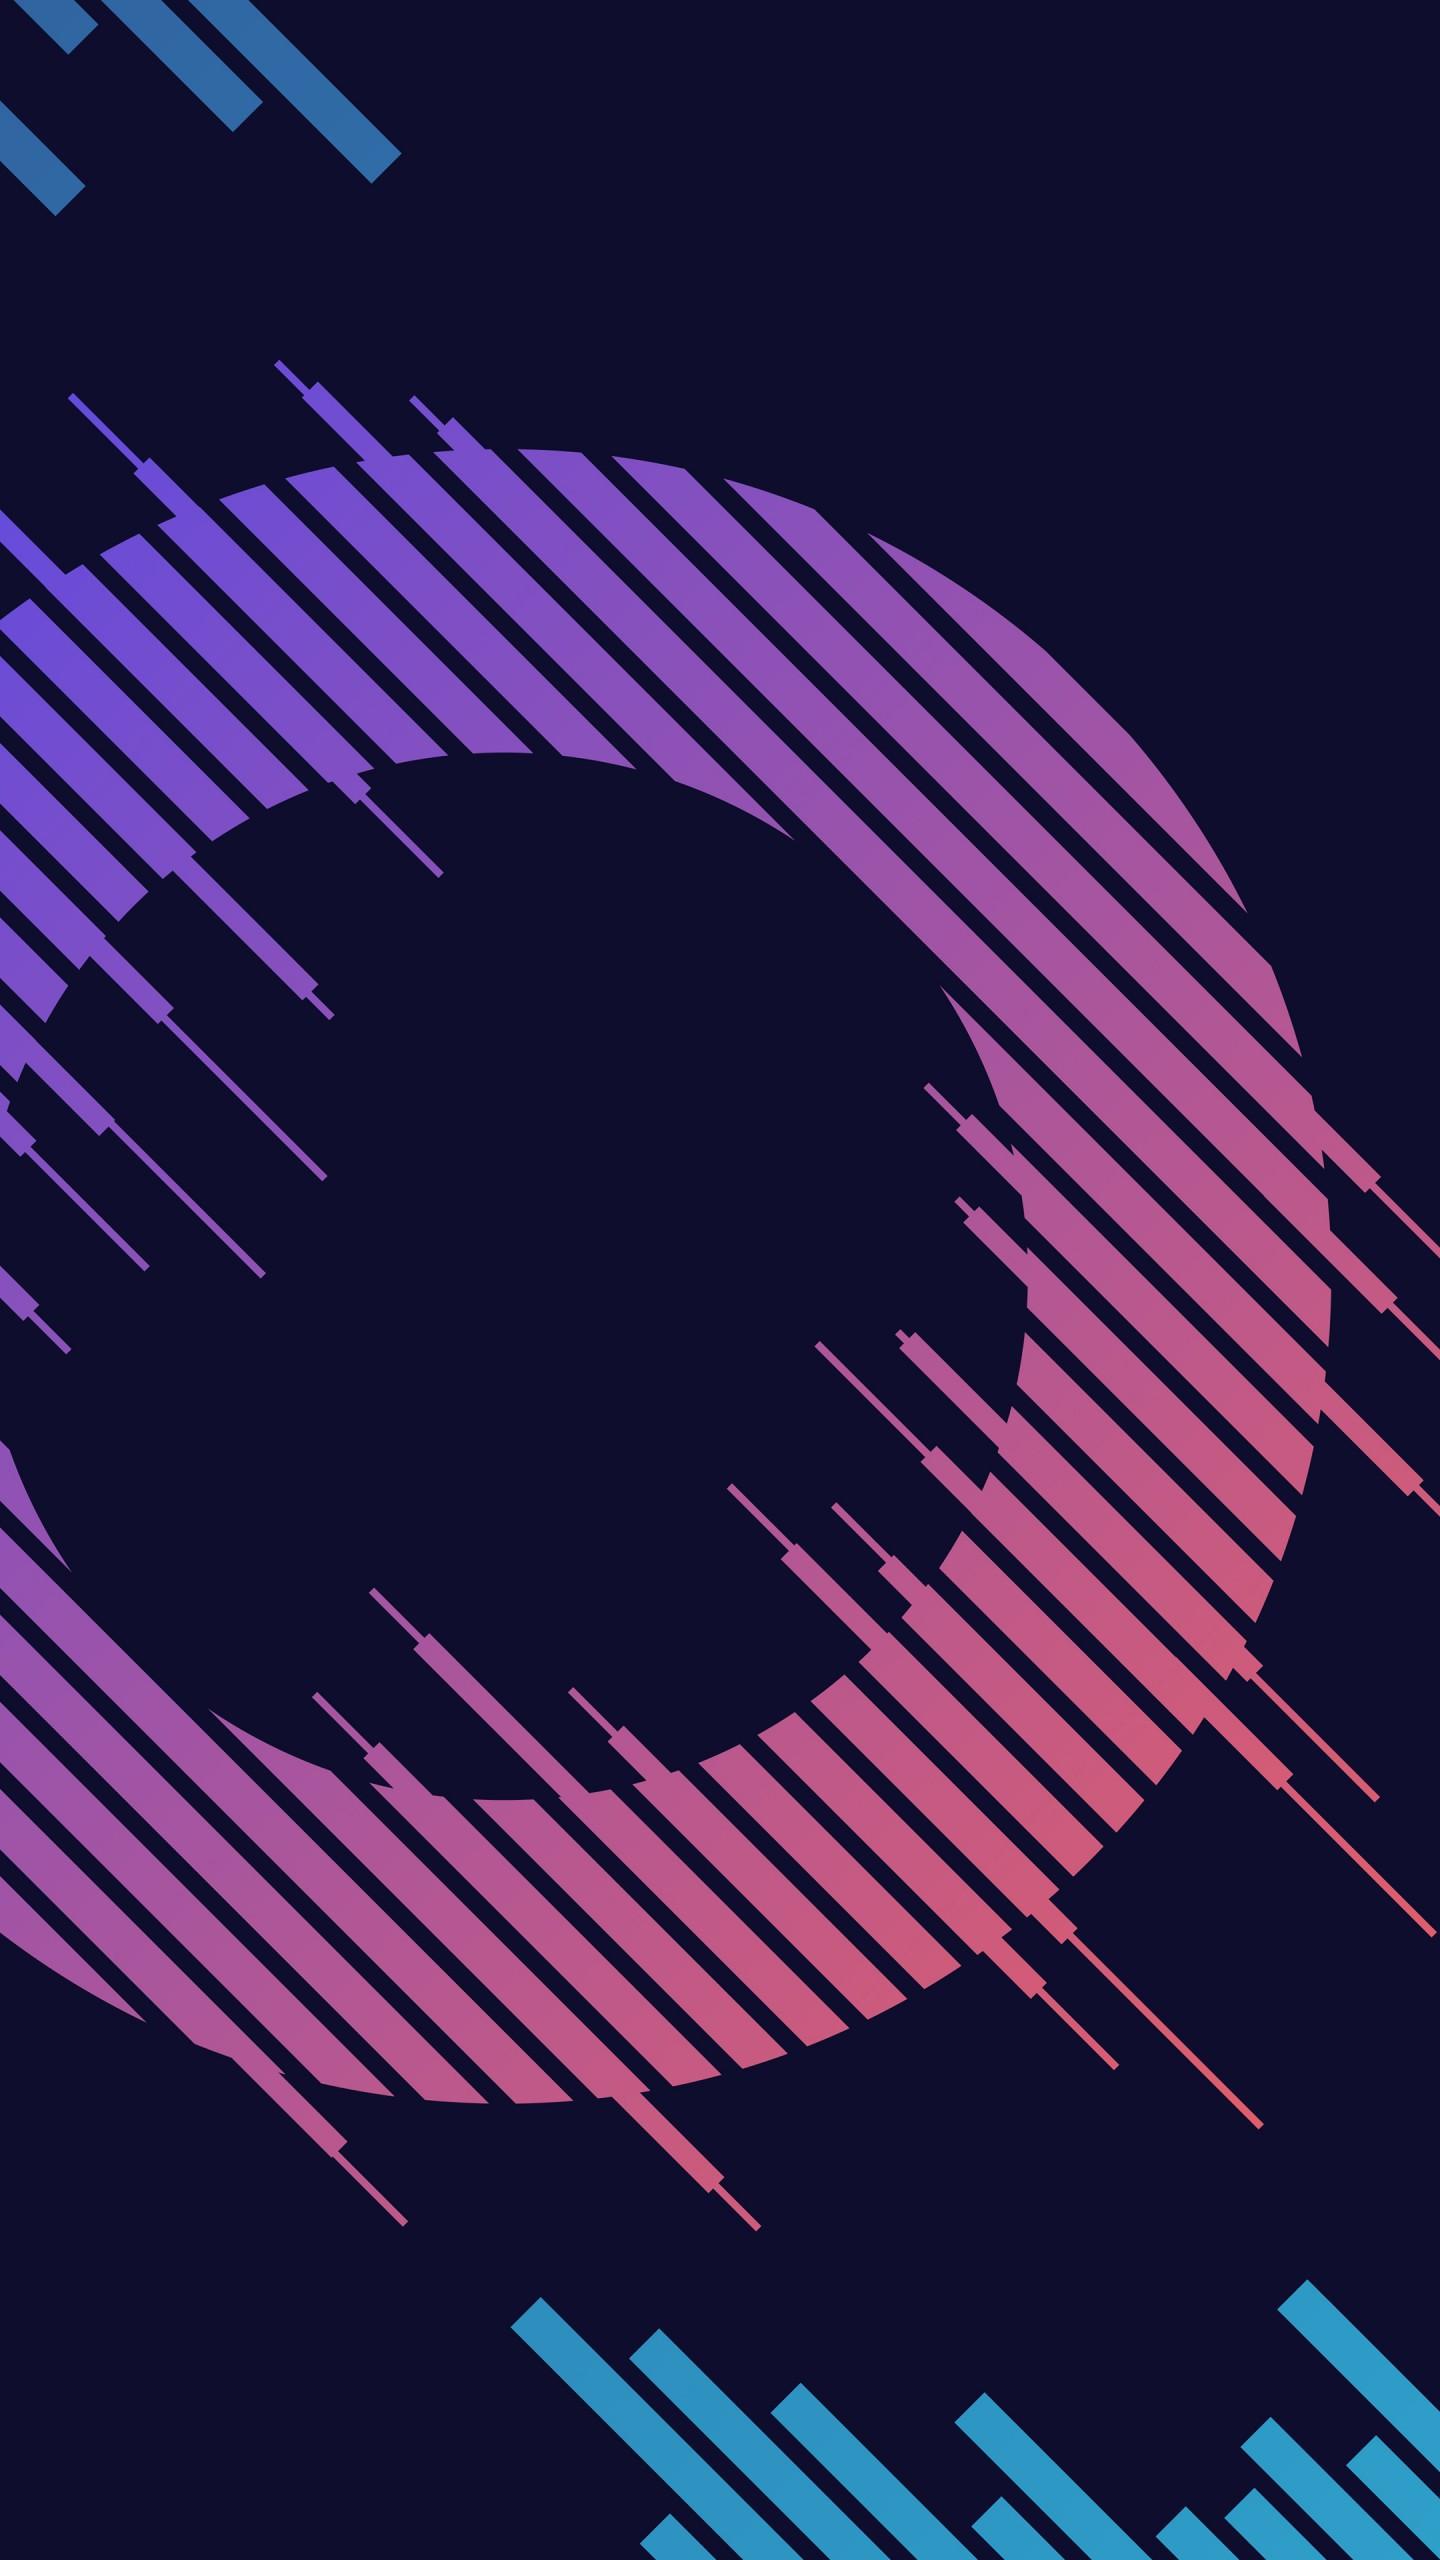 عکس زمینه حلقه های رنگی نئون با صفحه سیاه پس زمینه